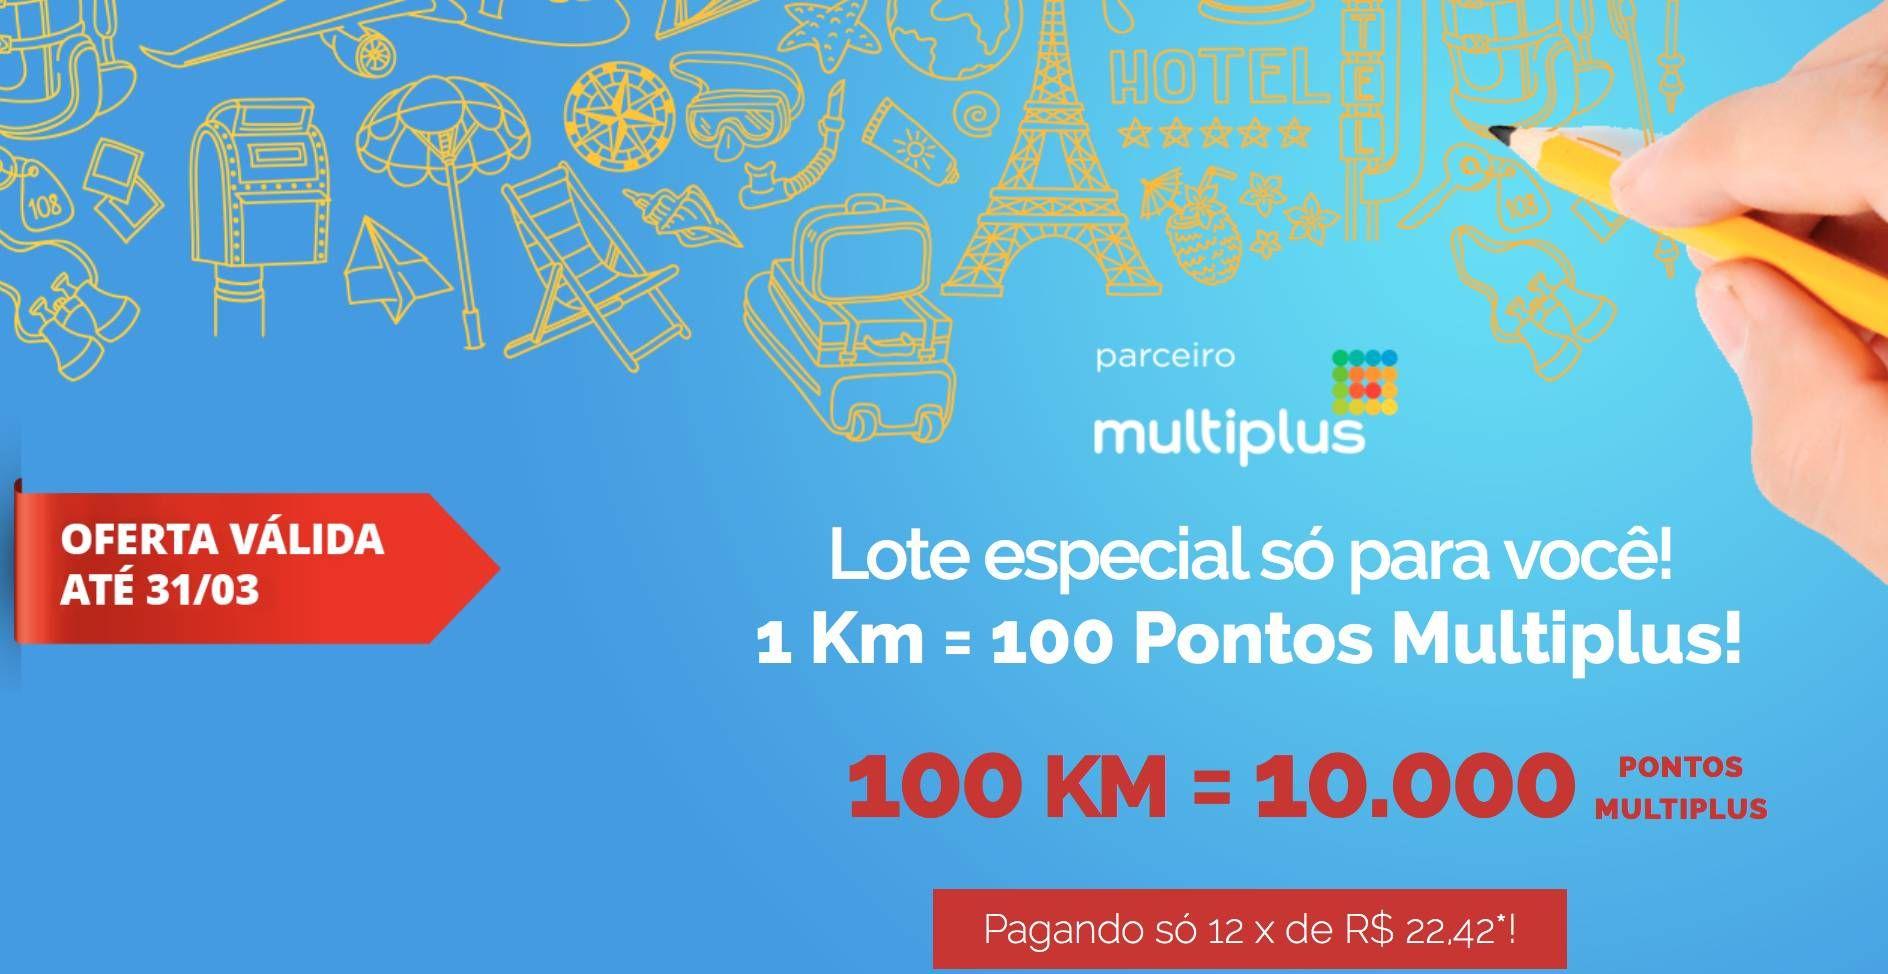 Lote promocional do KM de Vantagens para a Multiplus continua ativo!